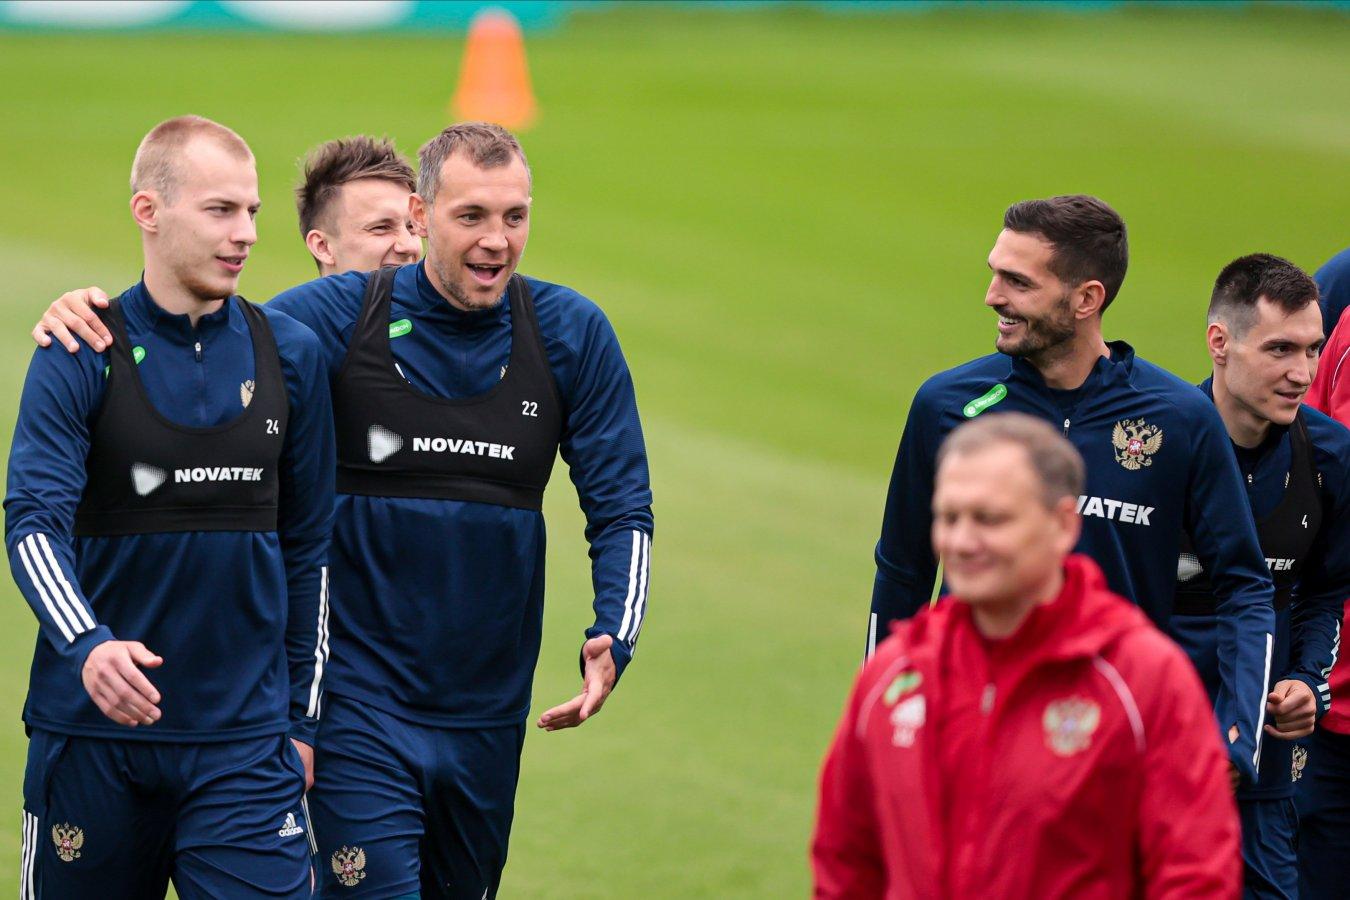 Gracenote оценил шансы сборной России выйти в плей-офф чемпионата Европы